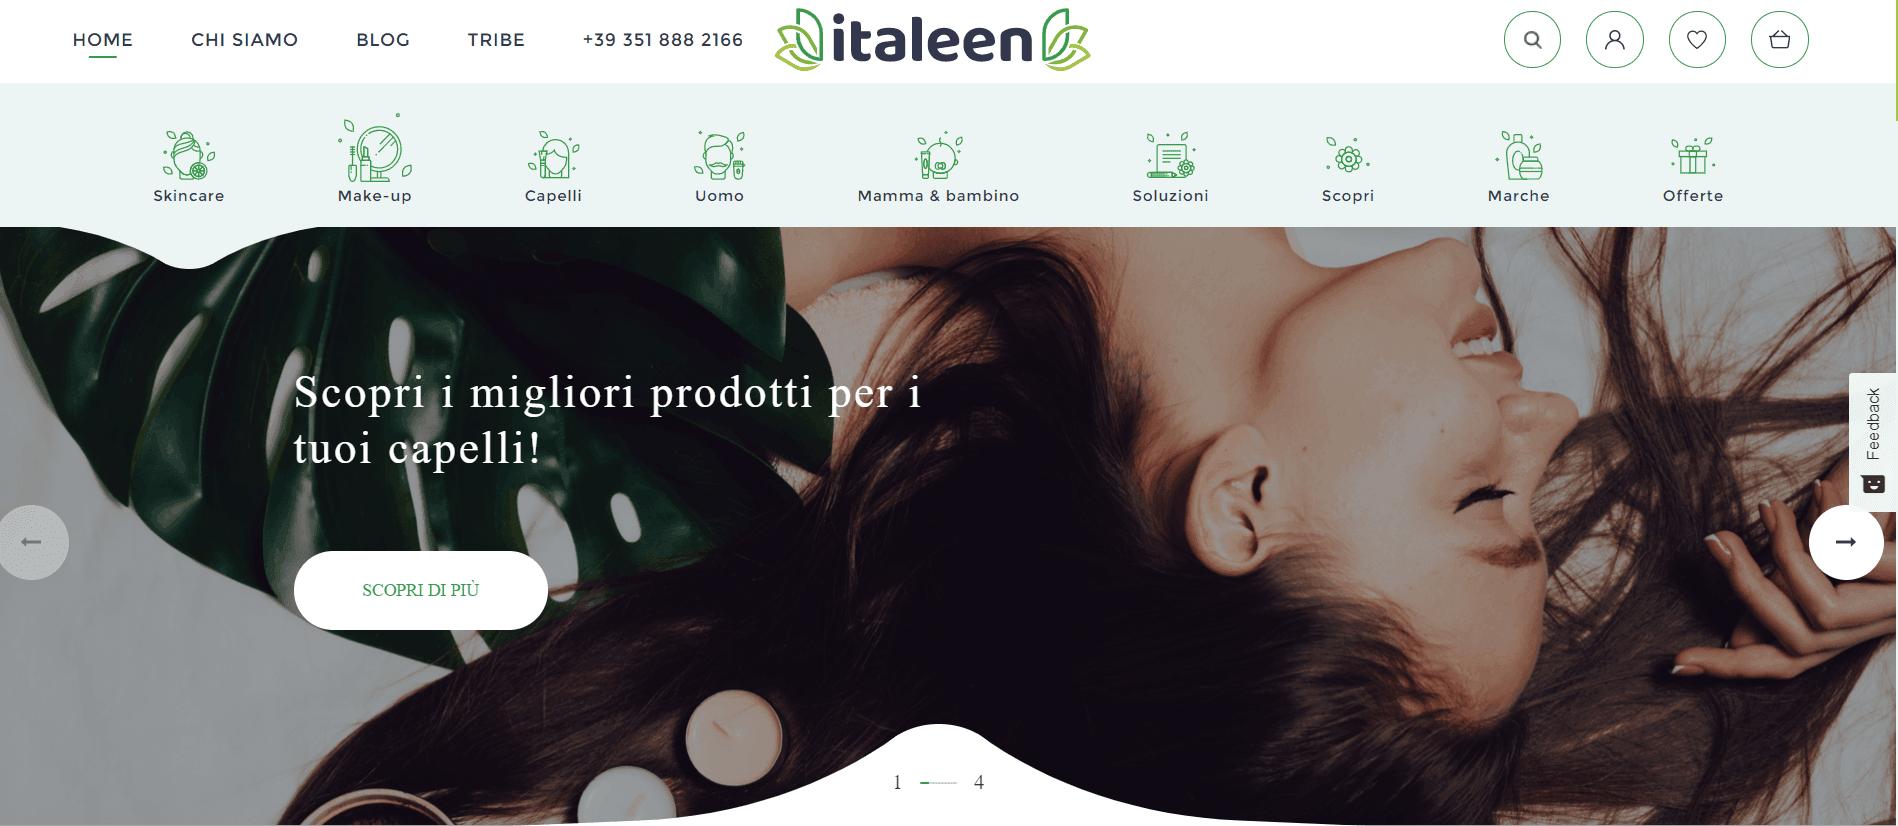 Покупка на Italeen с доставкой в Казахстан ✔️ myMeest - 3